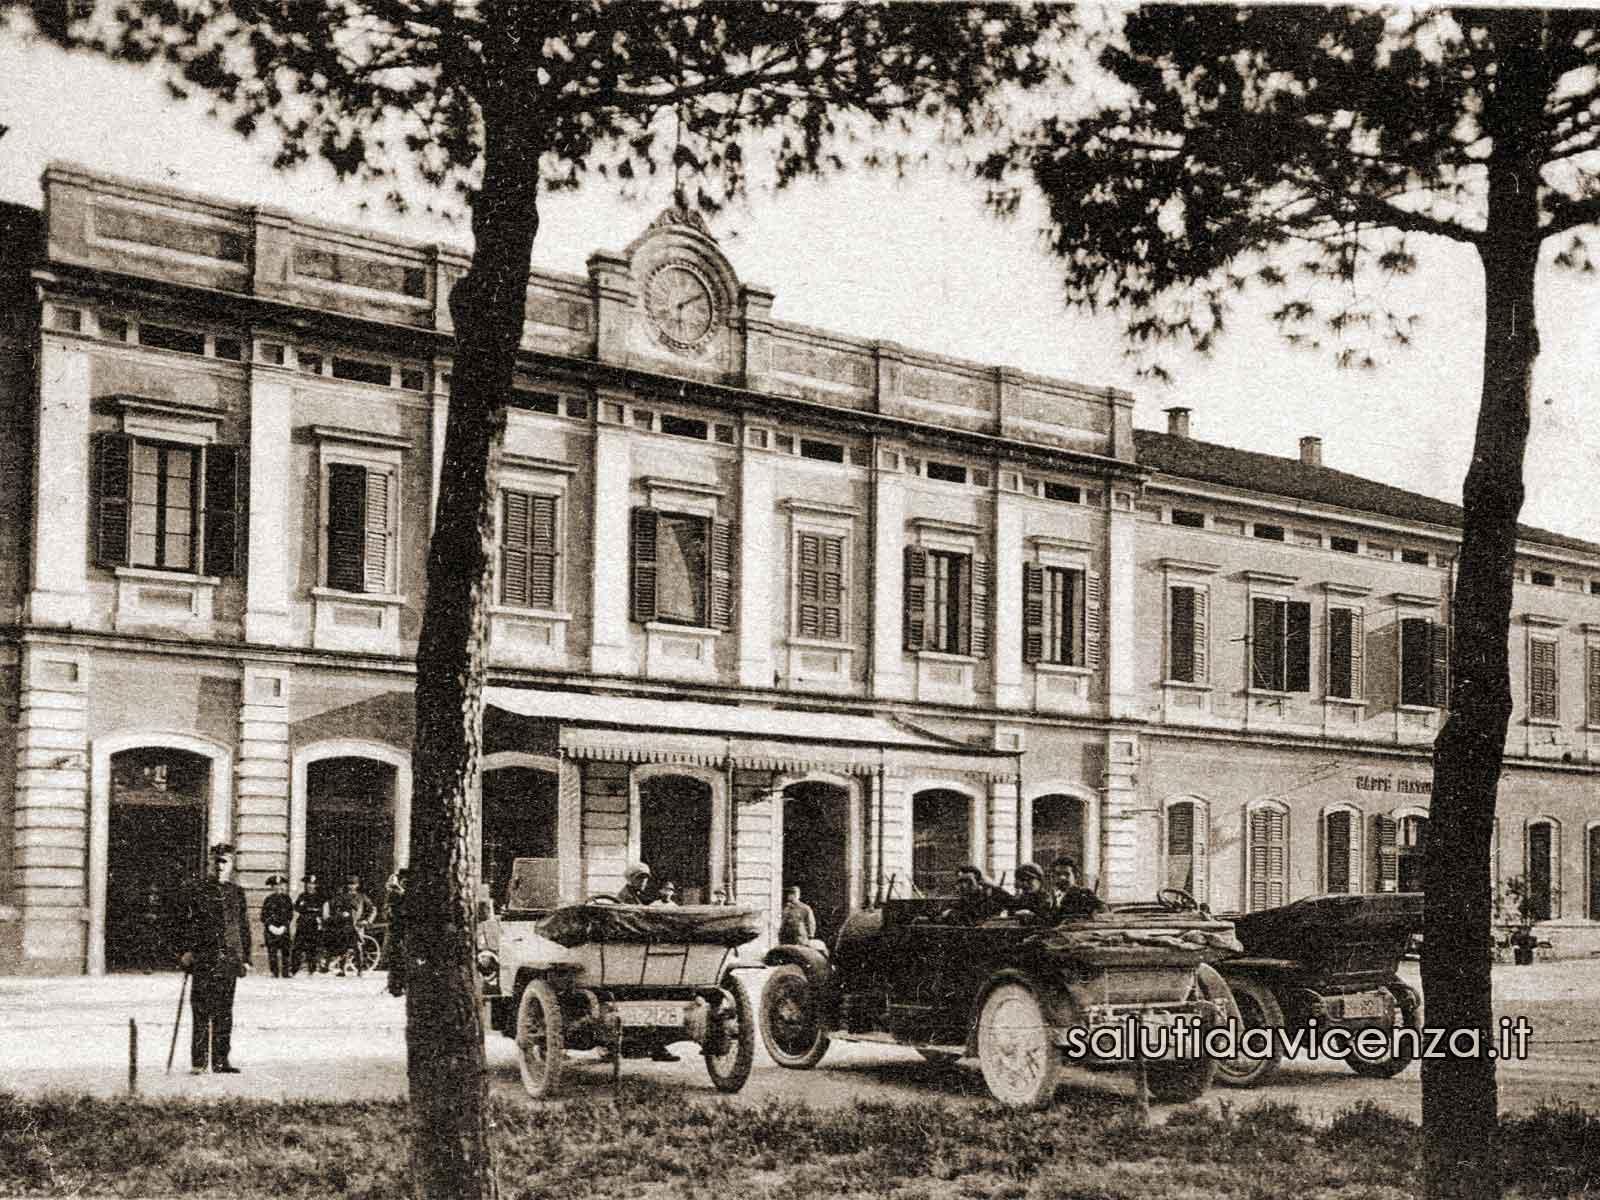 L'antica stazione ferroviaria di Vicenza